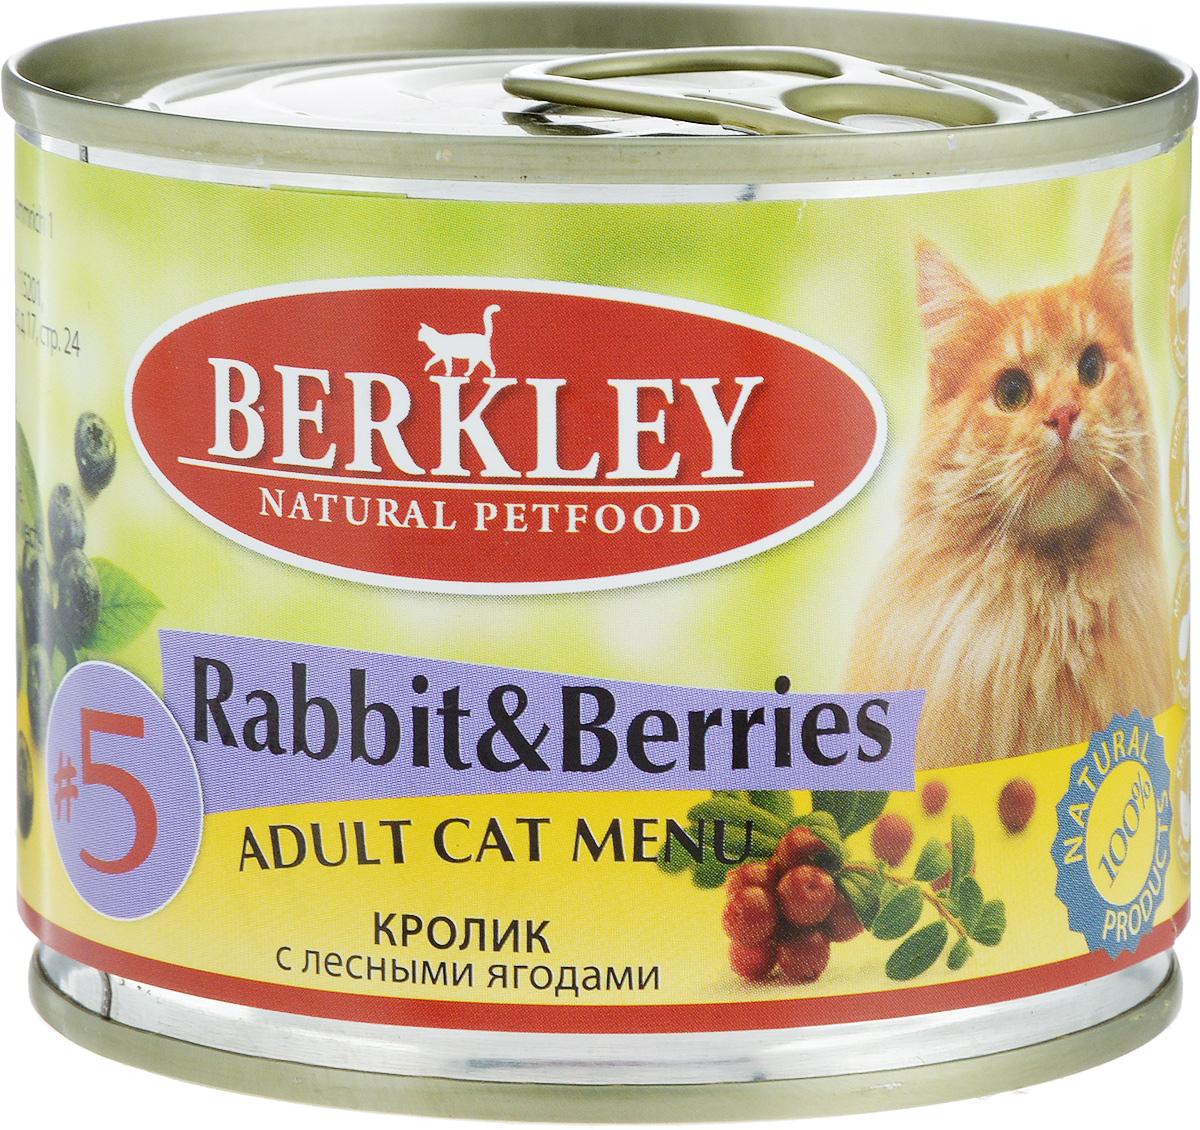 Консервы Berkley №5, для взрослых кошек, кролик с лесными ягодами, 200 г0120710Консервы Berkley №5 - полноценное консервированное питание для взрослых кошек. Не содержат сои, консервантов, искусственных красителей и ароматизаторов. Корм полностью удовлетворяет ежедневные энергетические потребности животного и обеспечивает оптимальное функционирование пищеварительной системы.Товар сертифицирован.